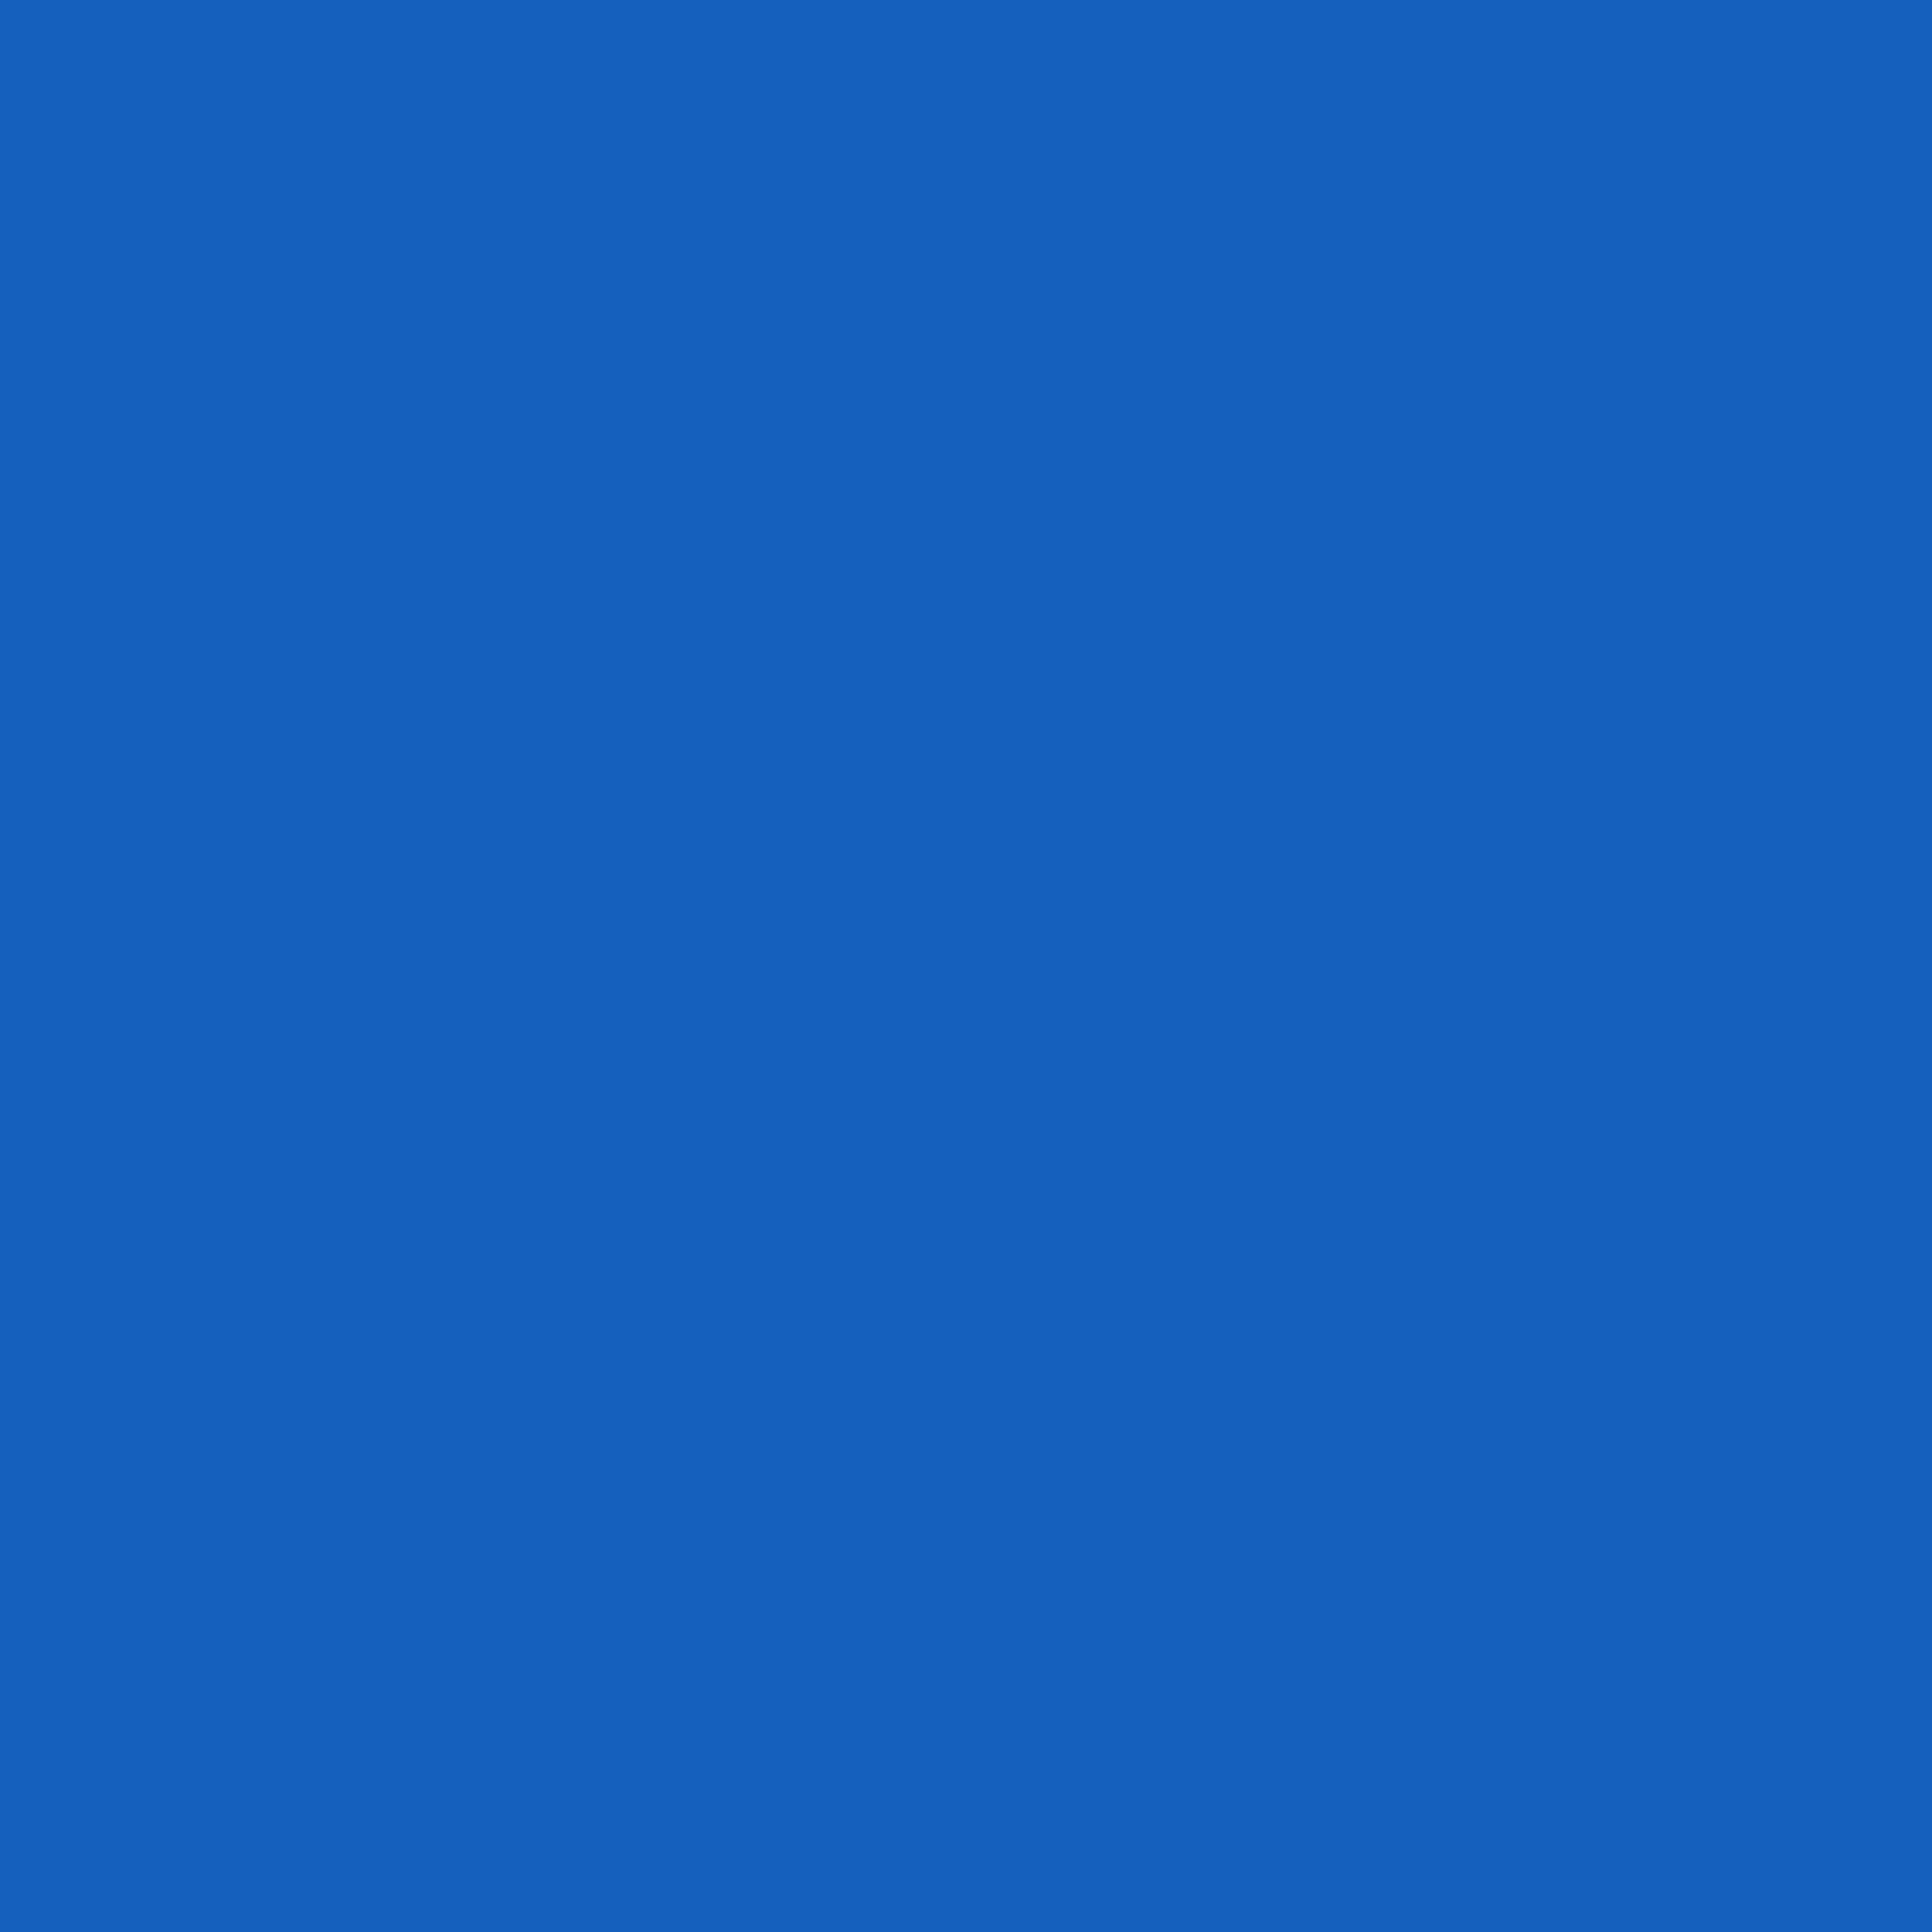 3600x3600 Denim Solid Color Background